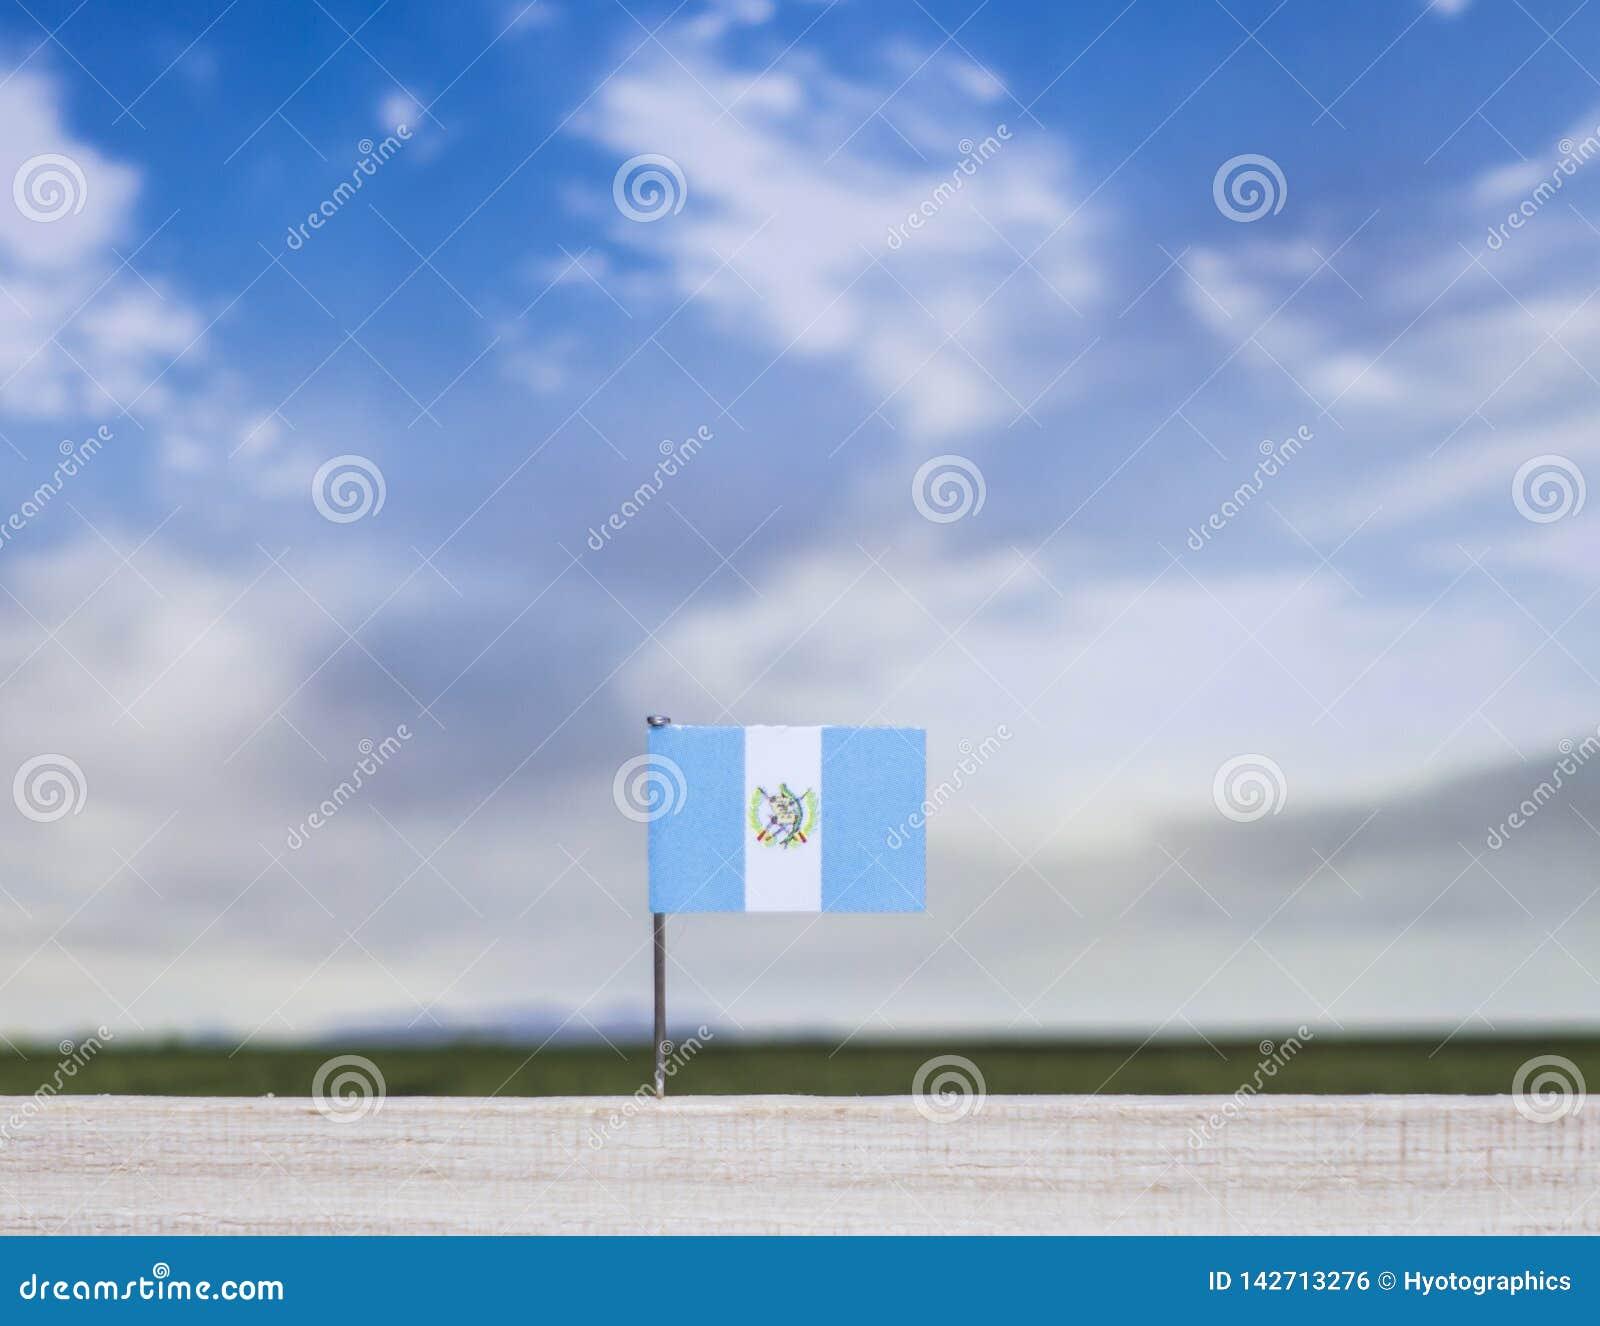 Flaga Gwatemala z szeroką łąką i niebieskim niebem za nim